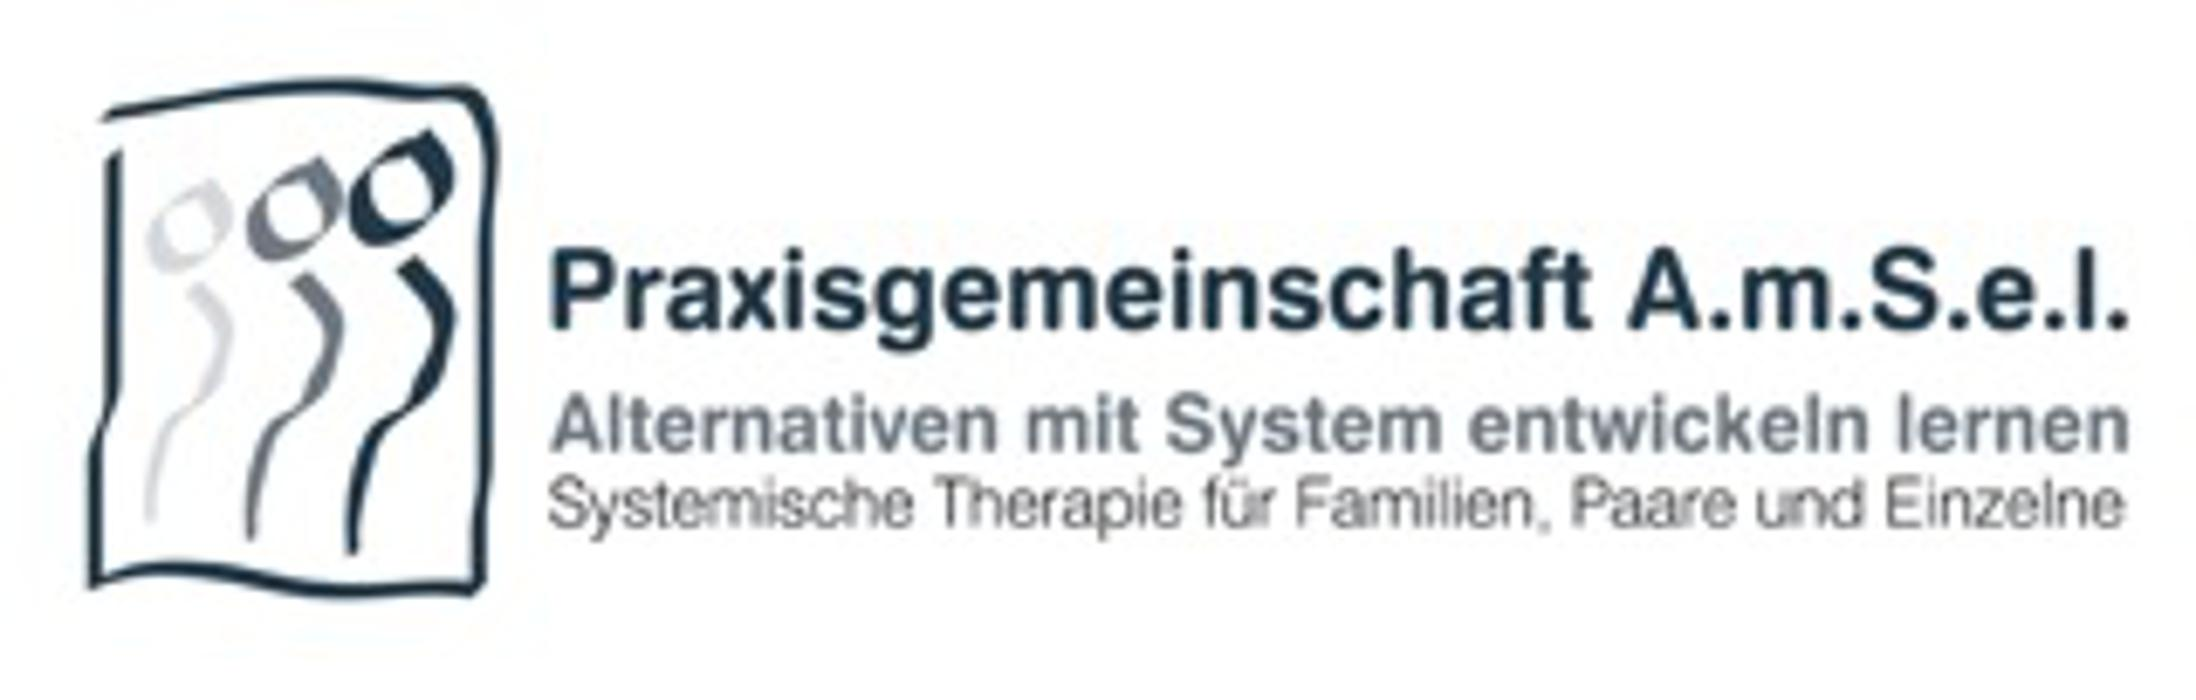 Bild zu Praxisgemeinschaft A.m.S.e.l. GbR in Berlin